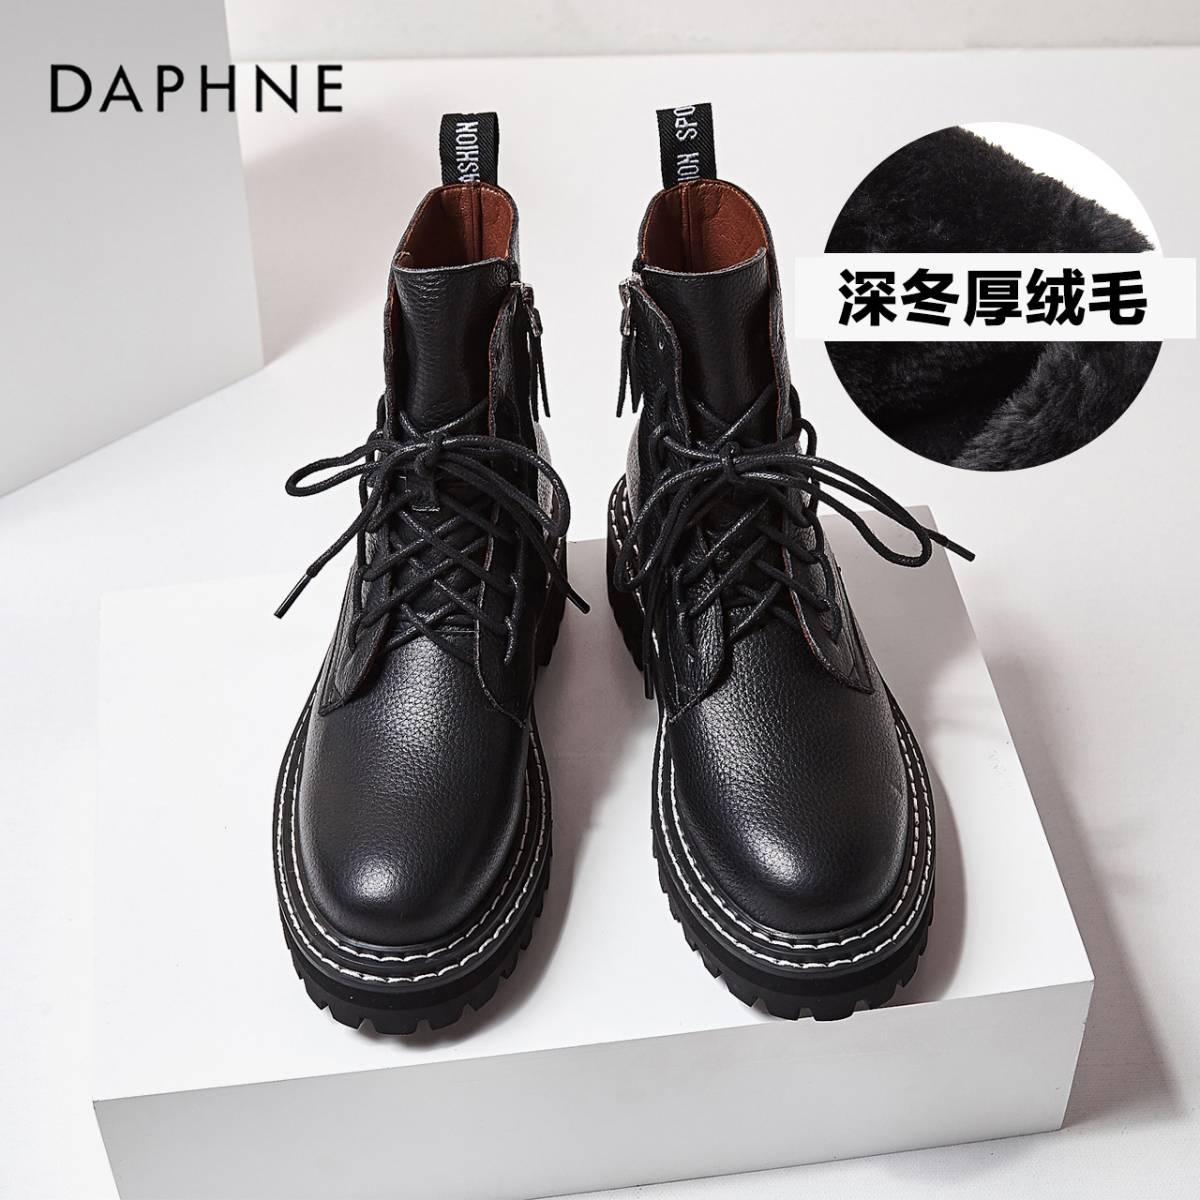 达芙妮专柜正品明星同款头层牛皮百搭女秋冬帅气欧美风厚底马丁靴